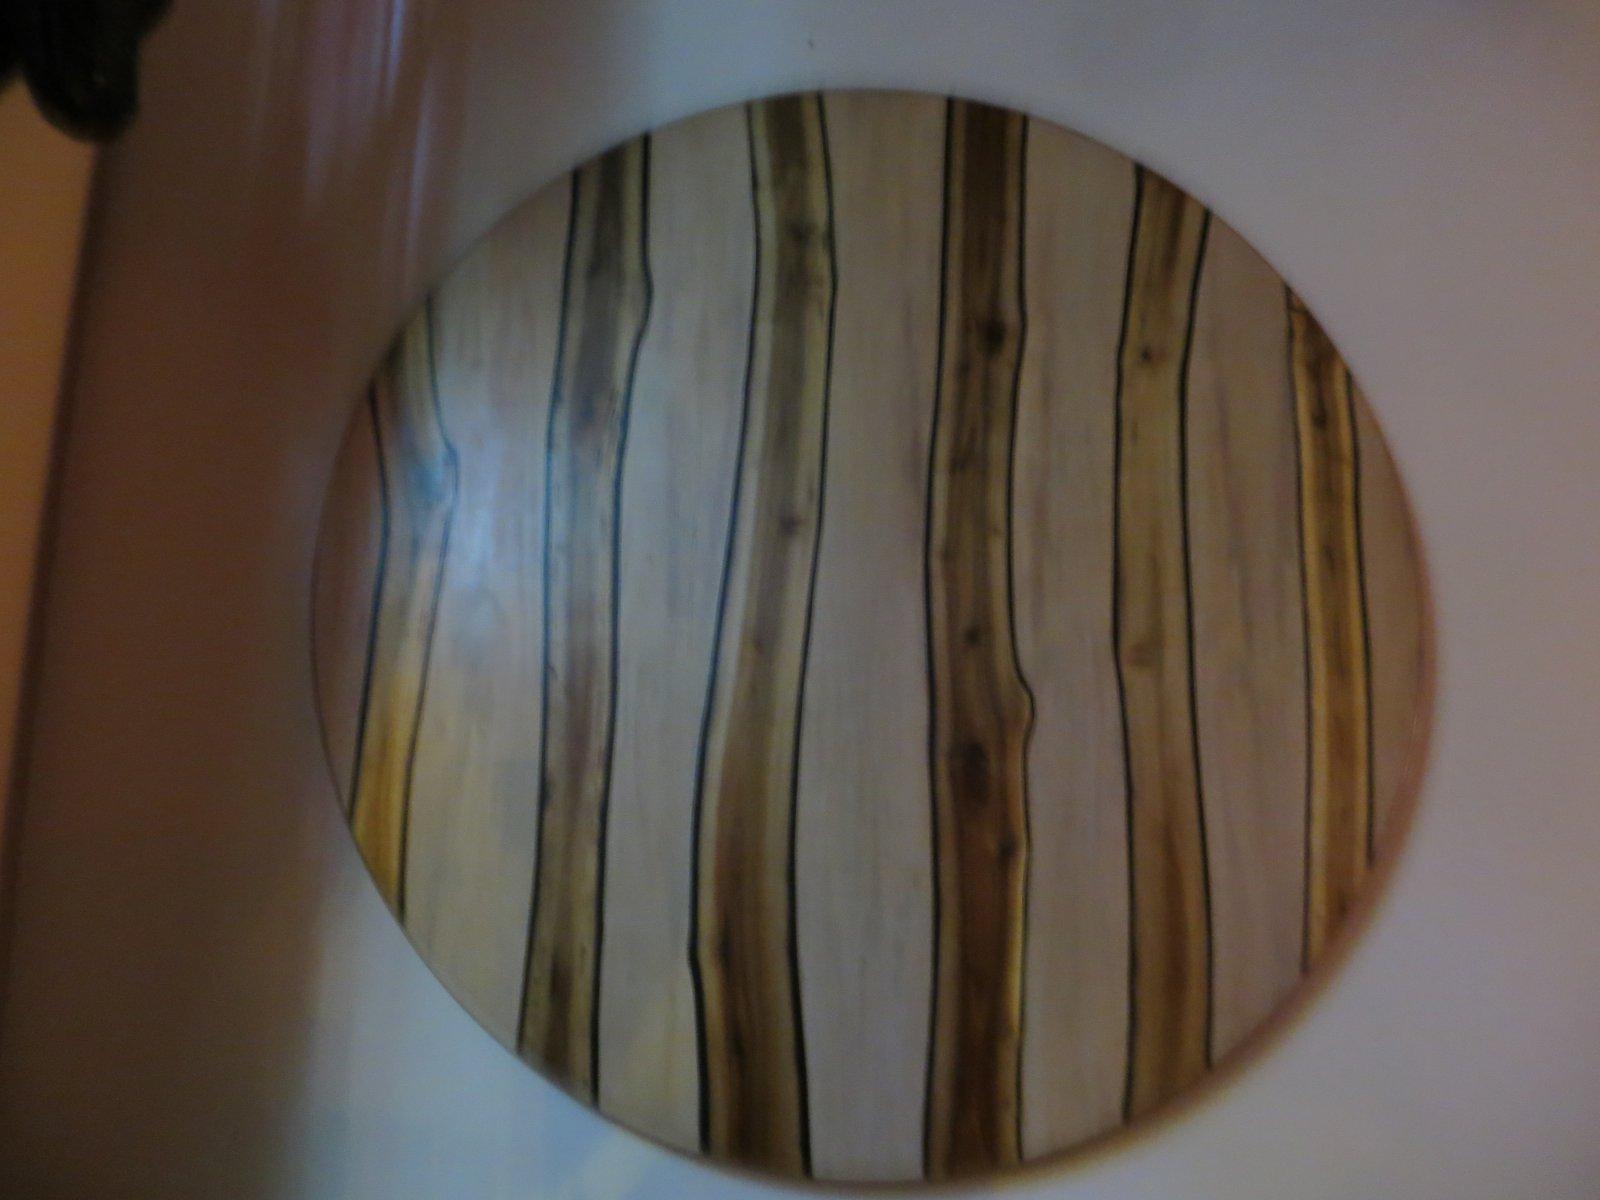 Artwork in the Sugar Maple